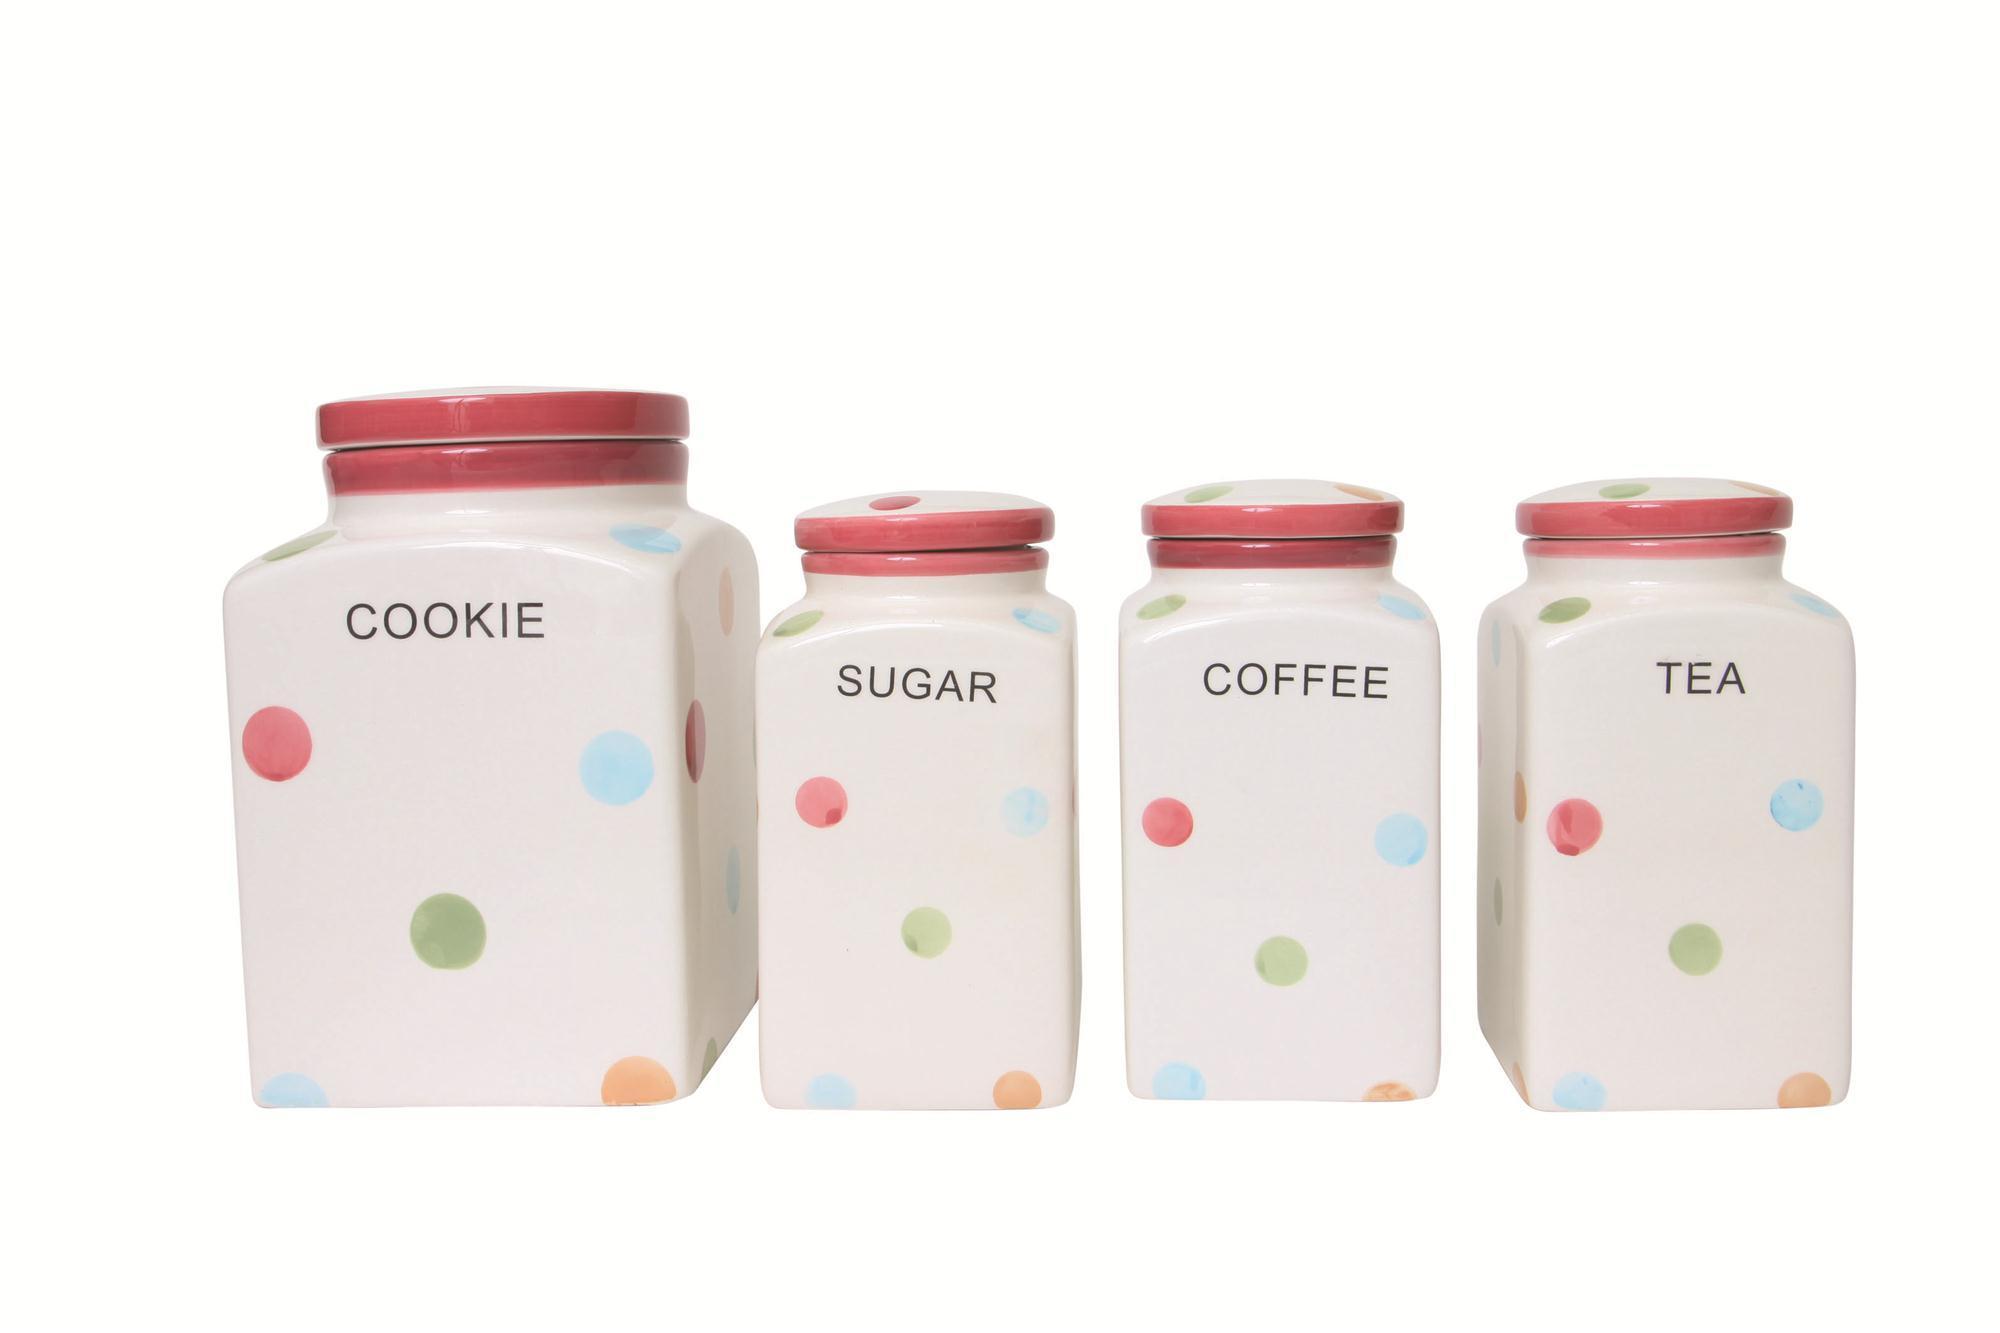 סט תה קפה סוכר נקודות 49.99 שח